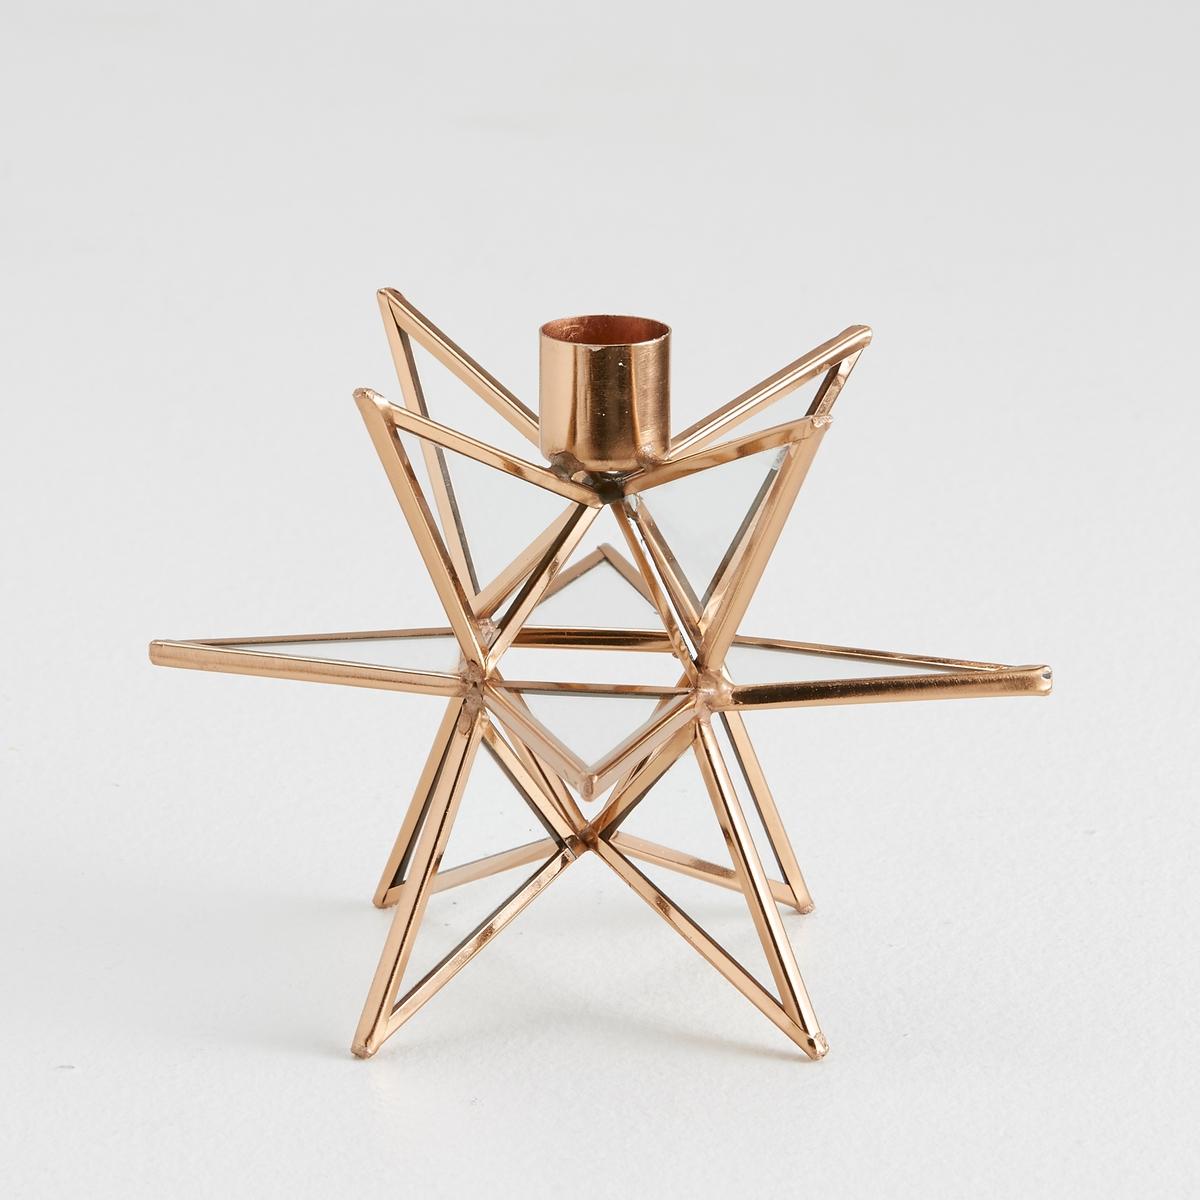 Подсвечник из стекла и металла, EstelloПодсвечник, Estello: этот подсвечник может стать красивым элементом Вашего интерьера... создать дух праздника и поднять настроение.Из металла и стекла.Подставка для свечи, диаметр. 2 см (свеча не прилагается).Размеры: 15,5 x 15,5 x 11,5 см.<br><br>Цвет: медный,черный<br>Размер: единый размер.единый размер